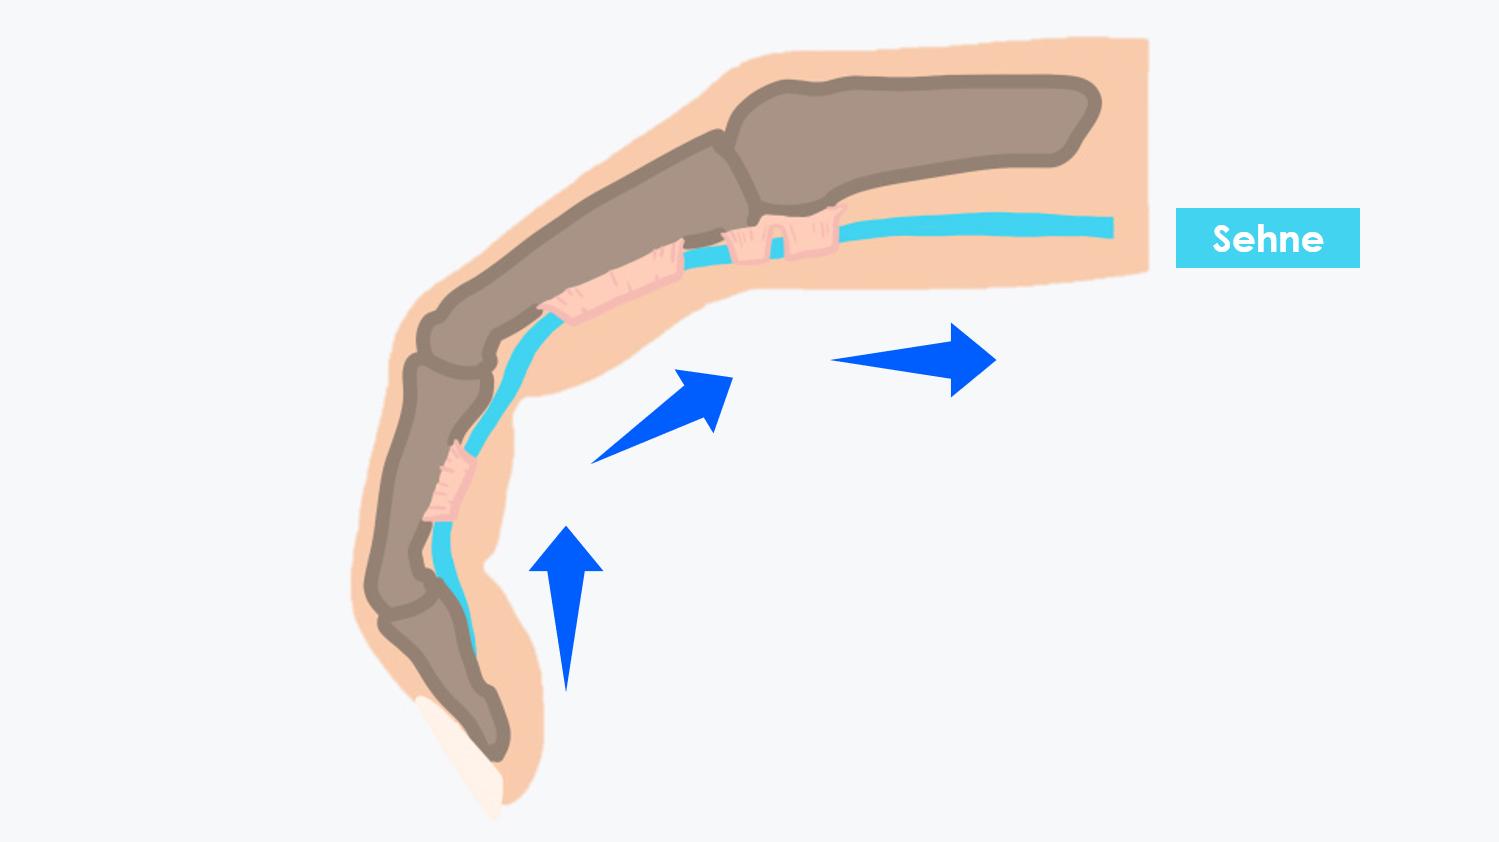 Bleibt die Hand in Bewegung, kann die Narbe schwieriger mit einer Sehne verwachsen